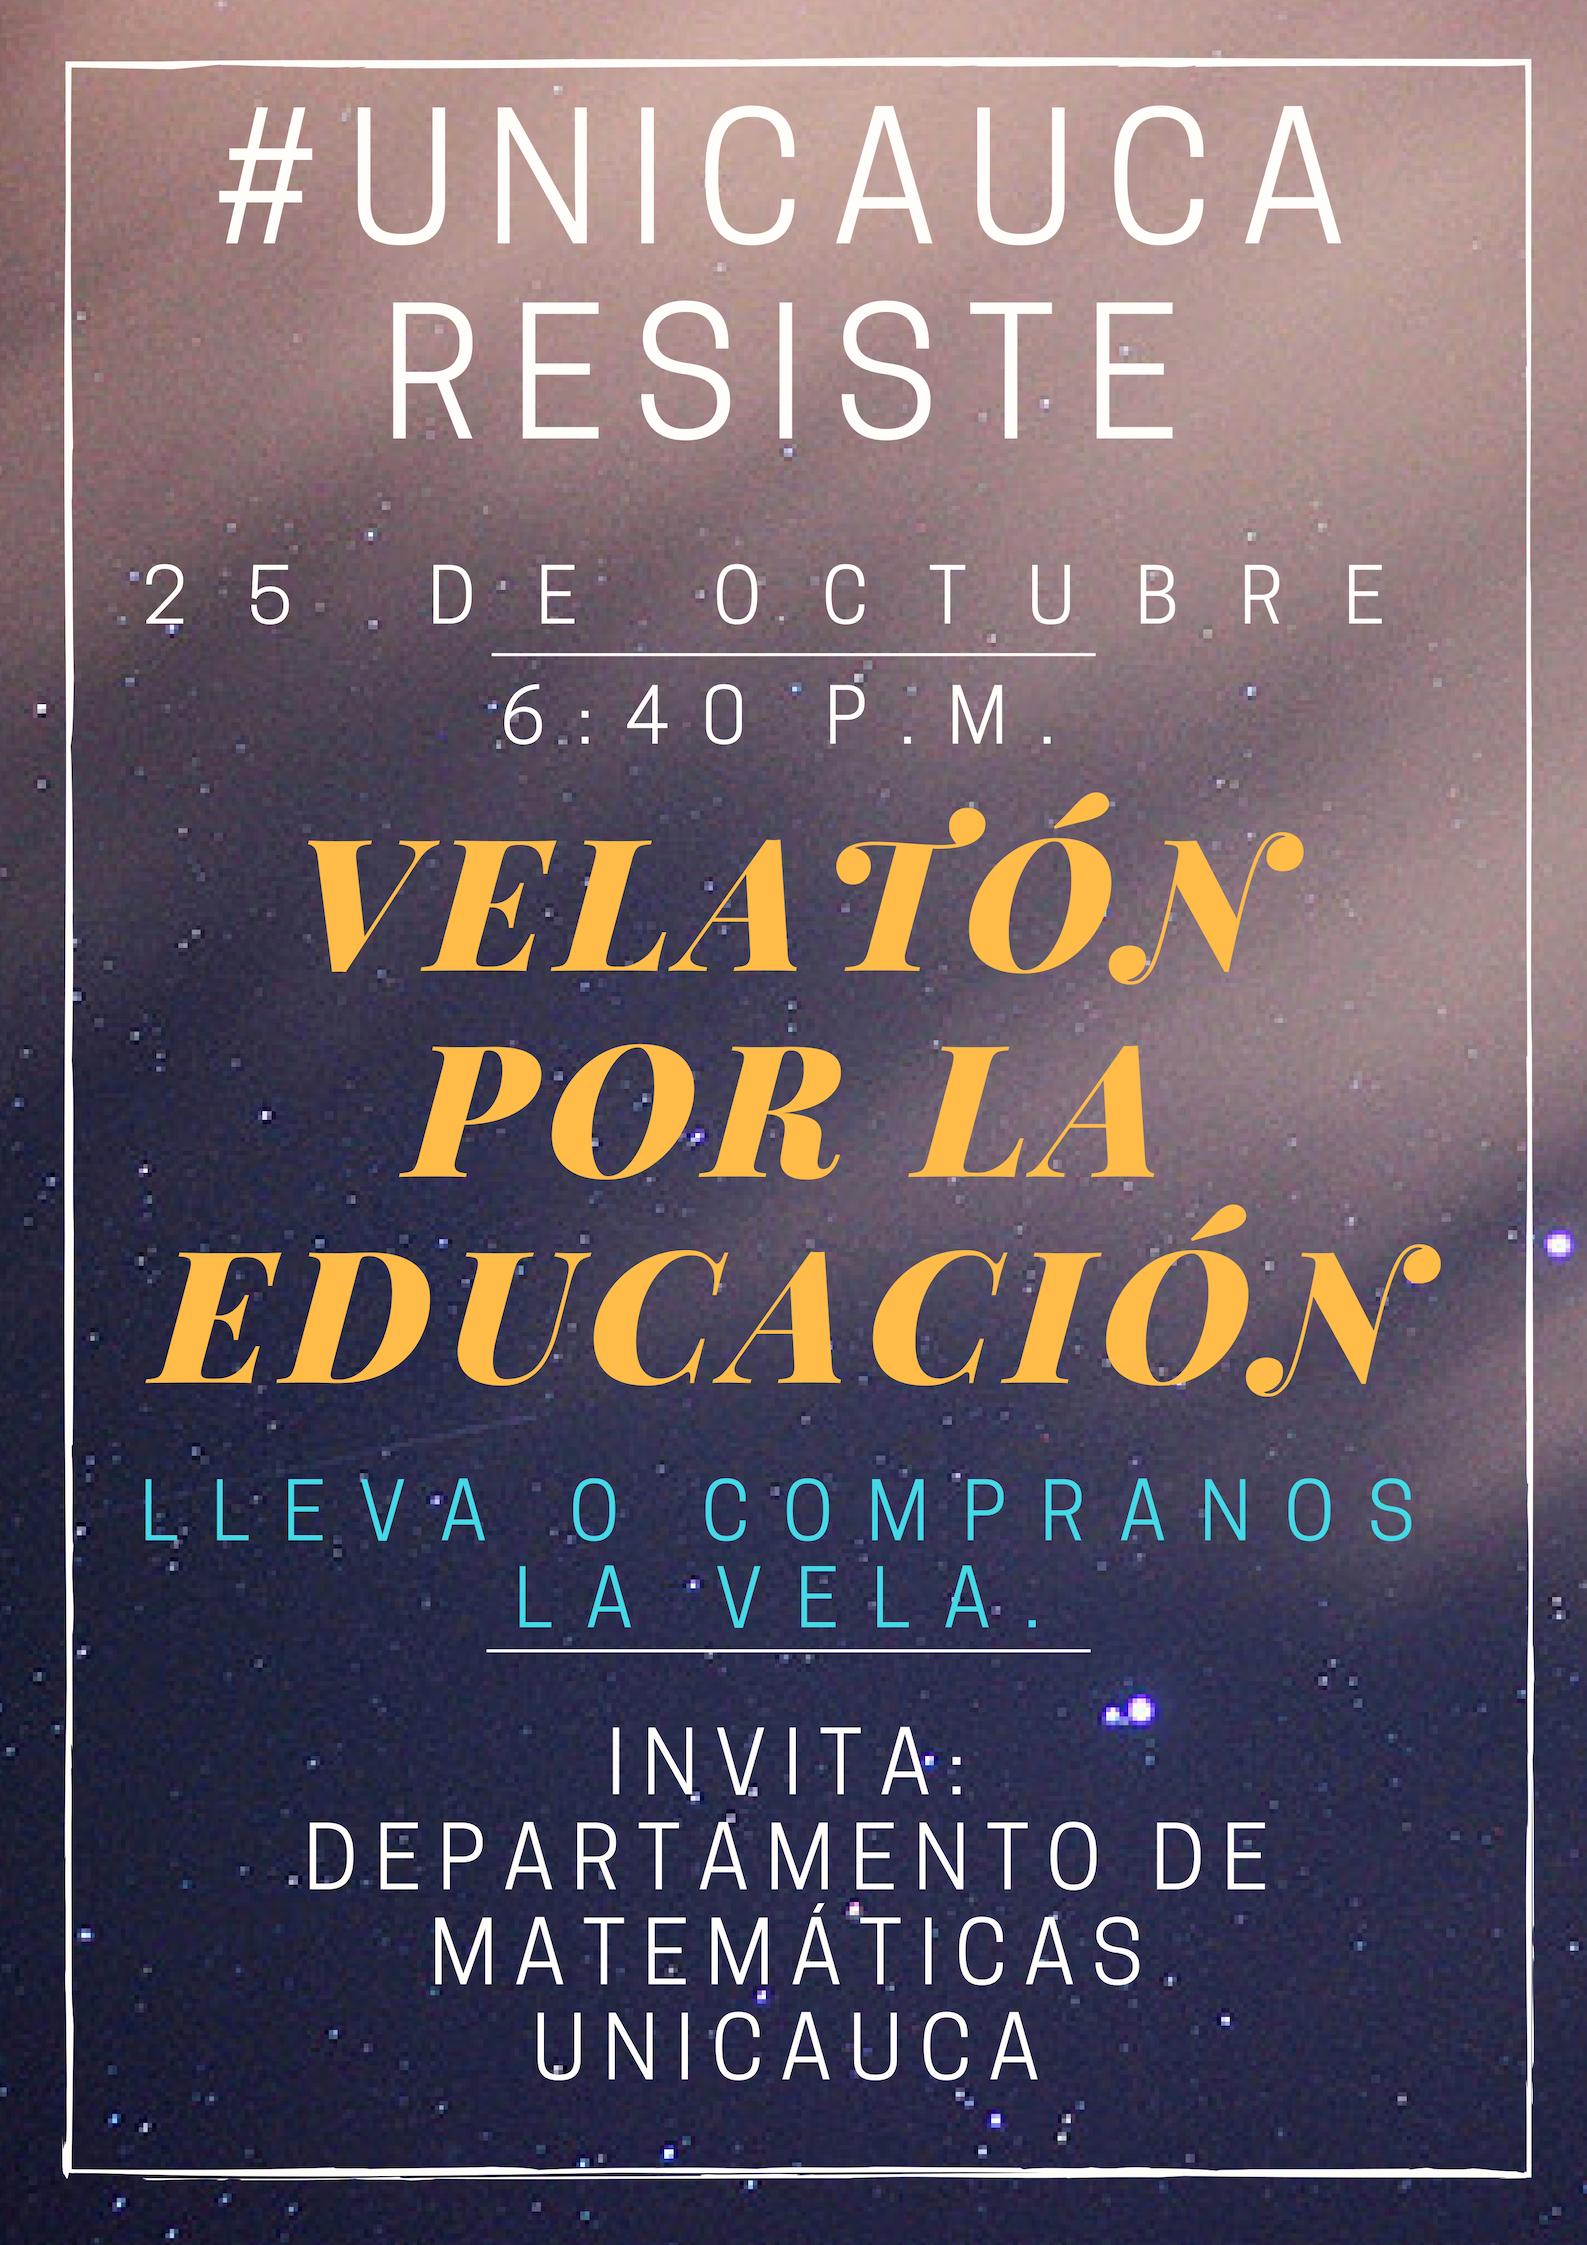 Velaton